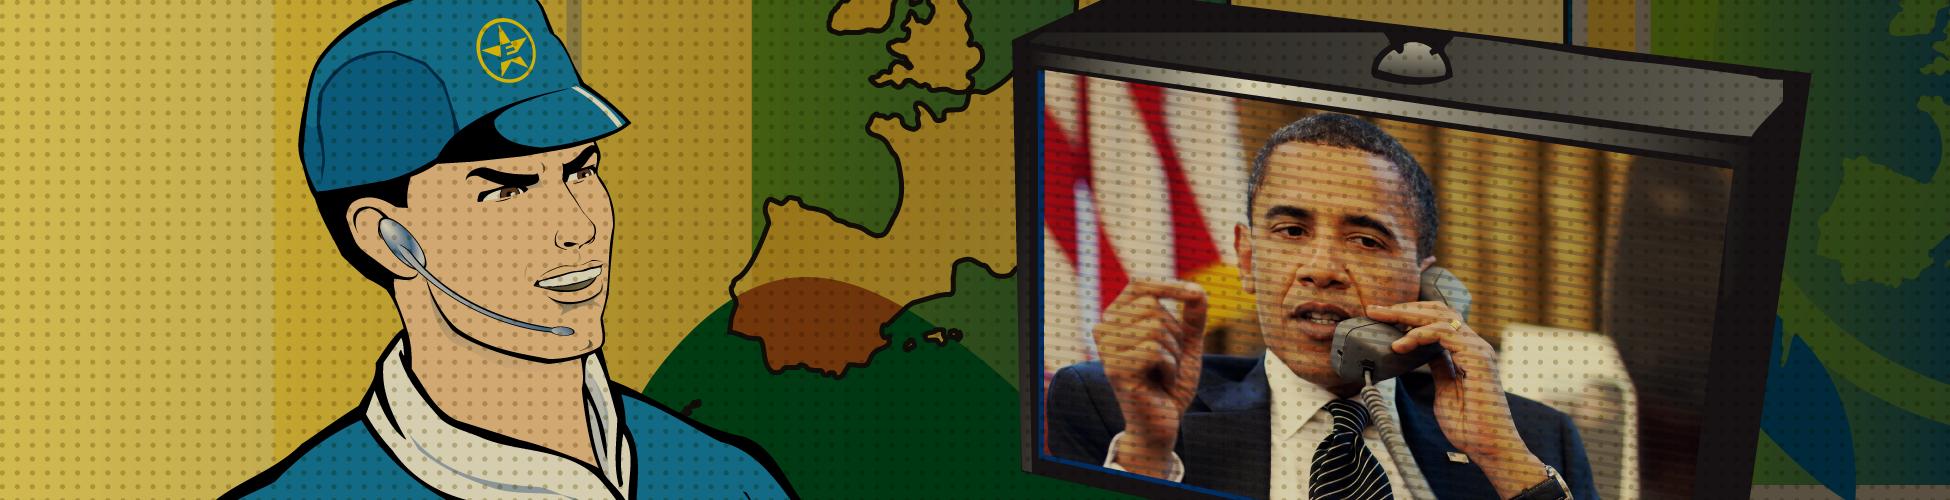 Captain Euro and Obama Discuss TTIP